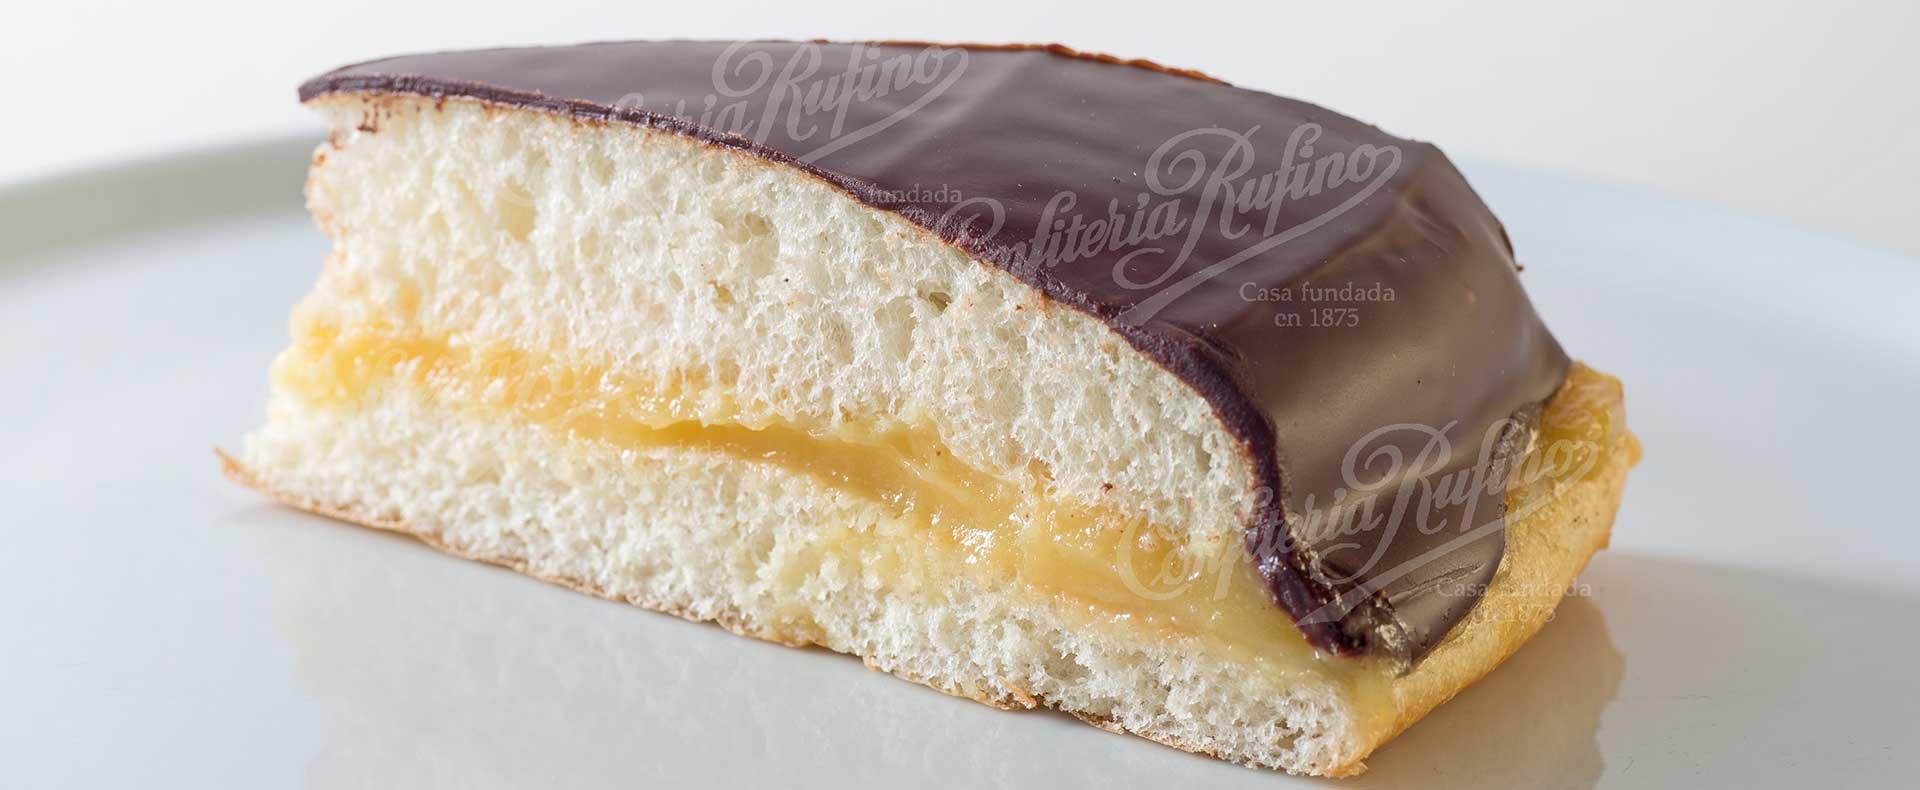 cuña de chocolate y crema bollería Confiteria Rufino Aracena